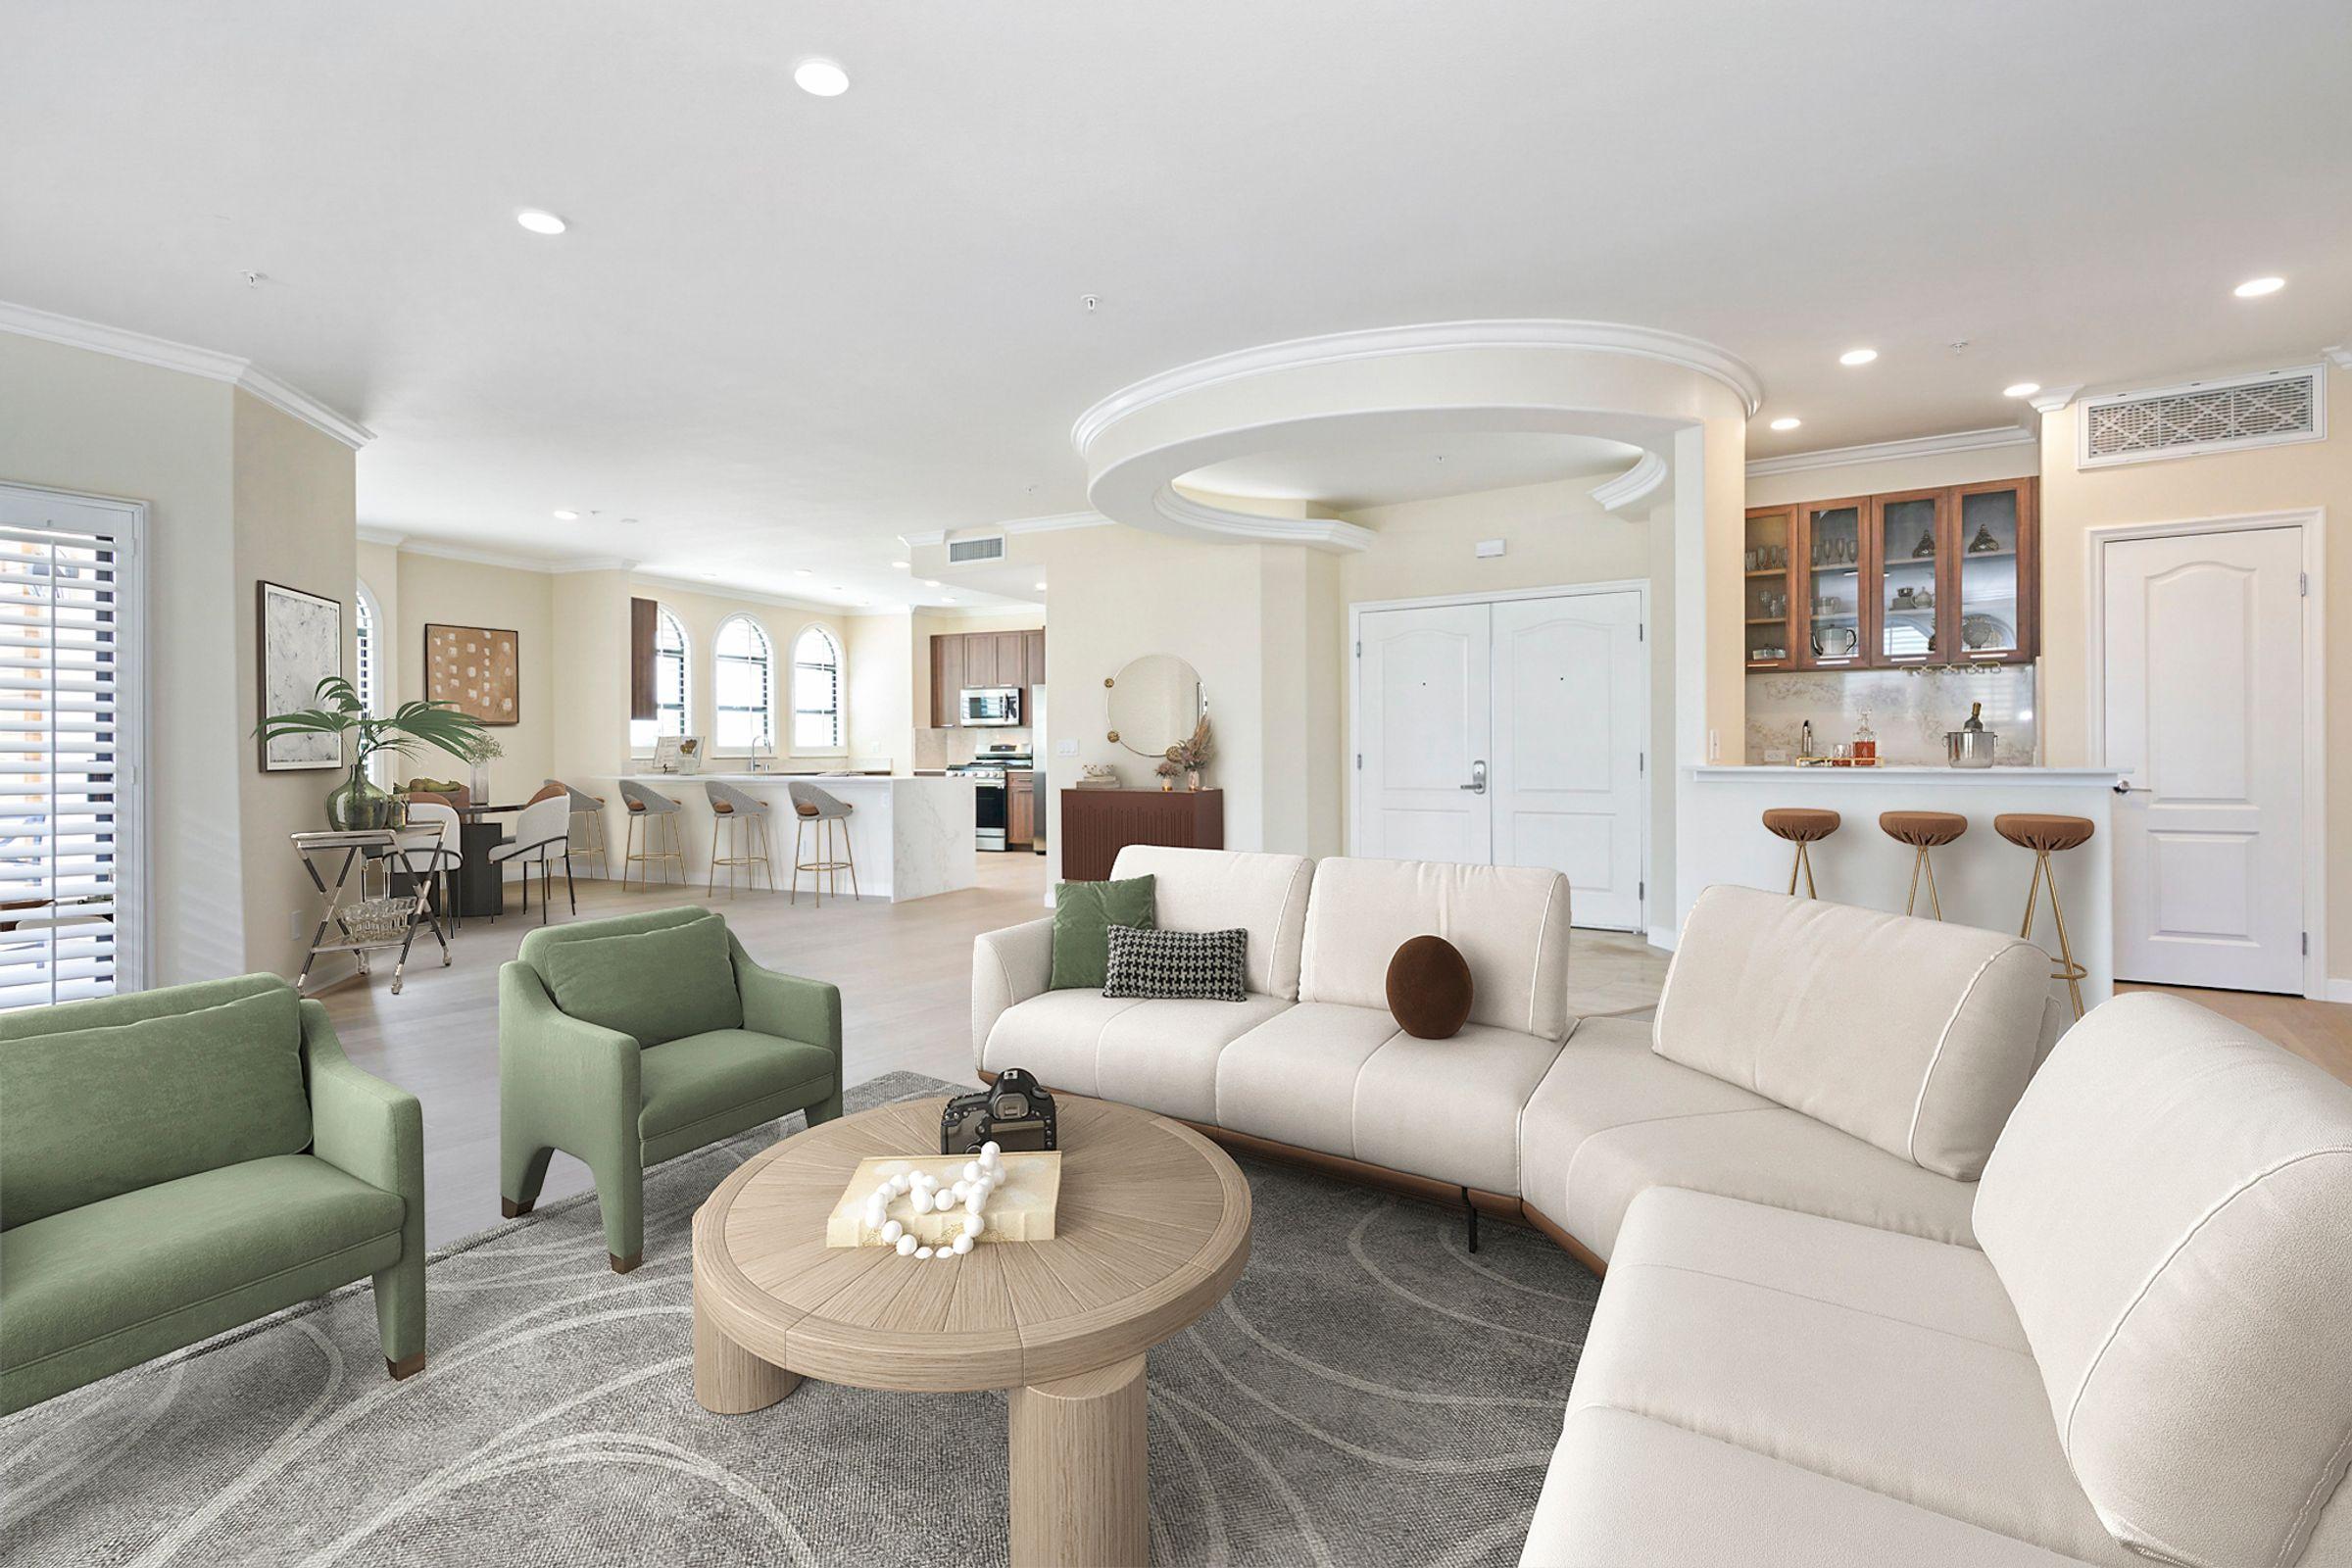 Luxurious Apartment Interiors